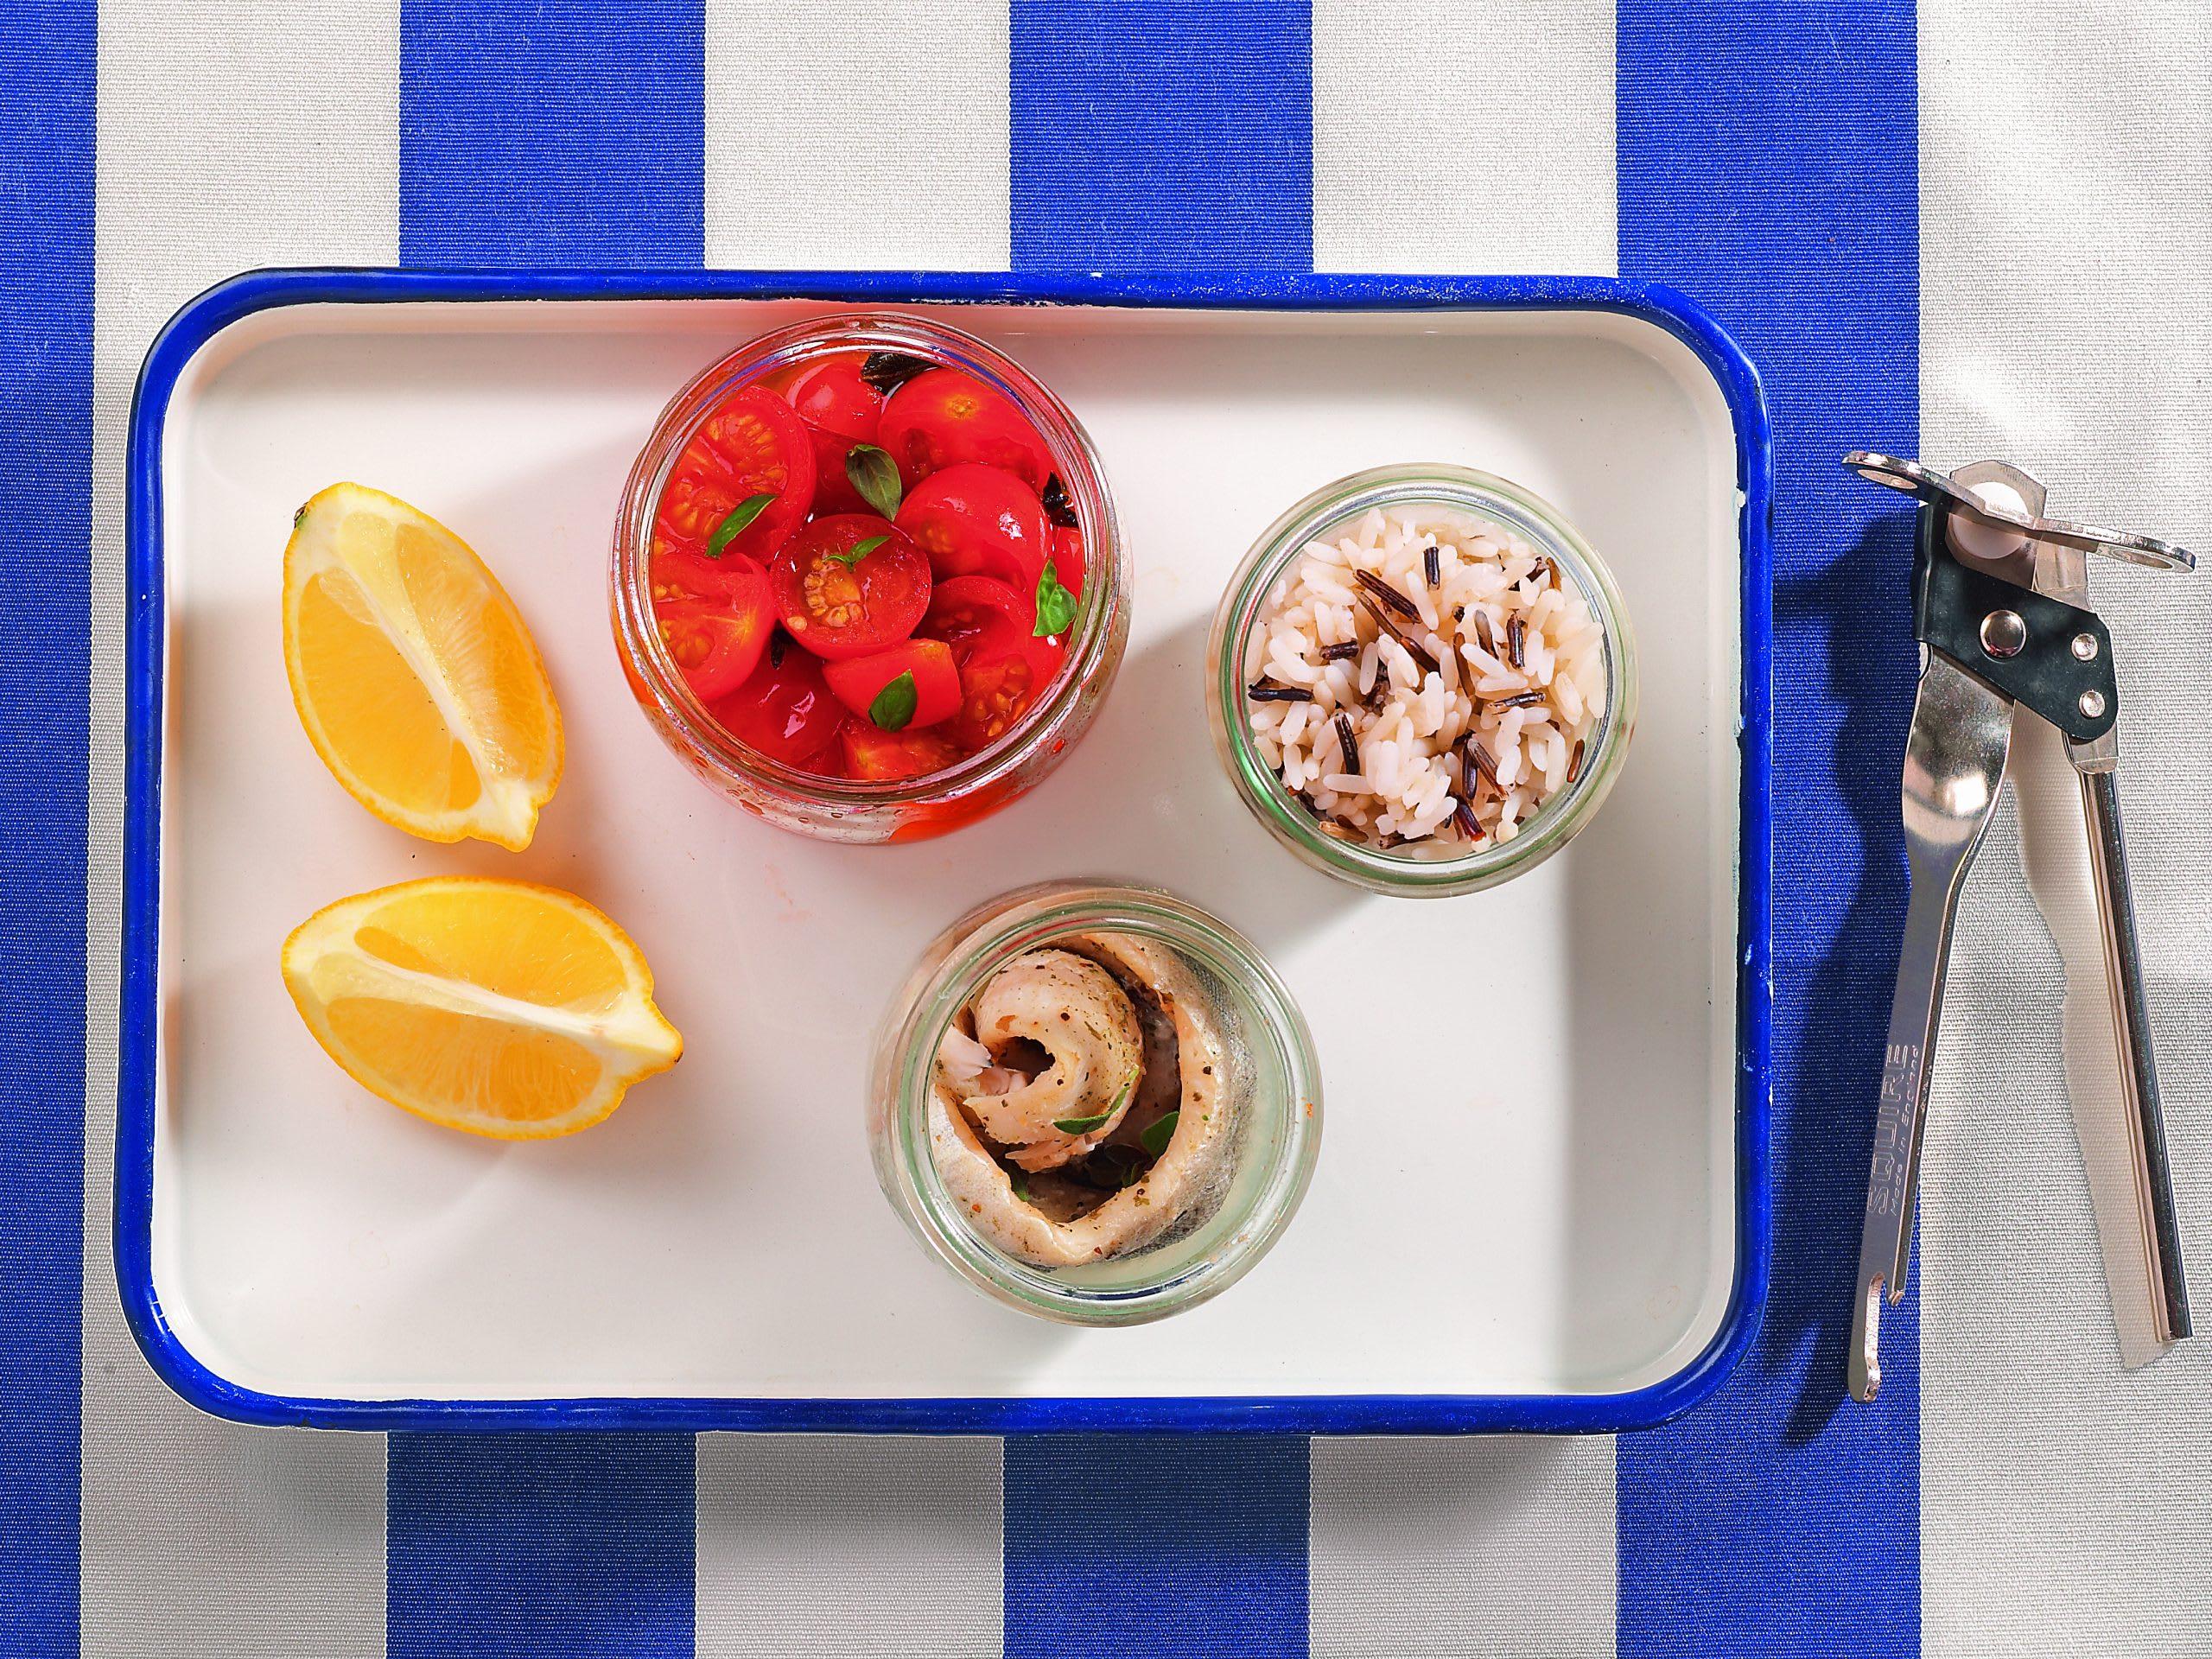 Fisch & Gemüse im Glas gekocht, im Glas serviert